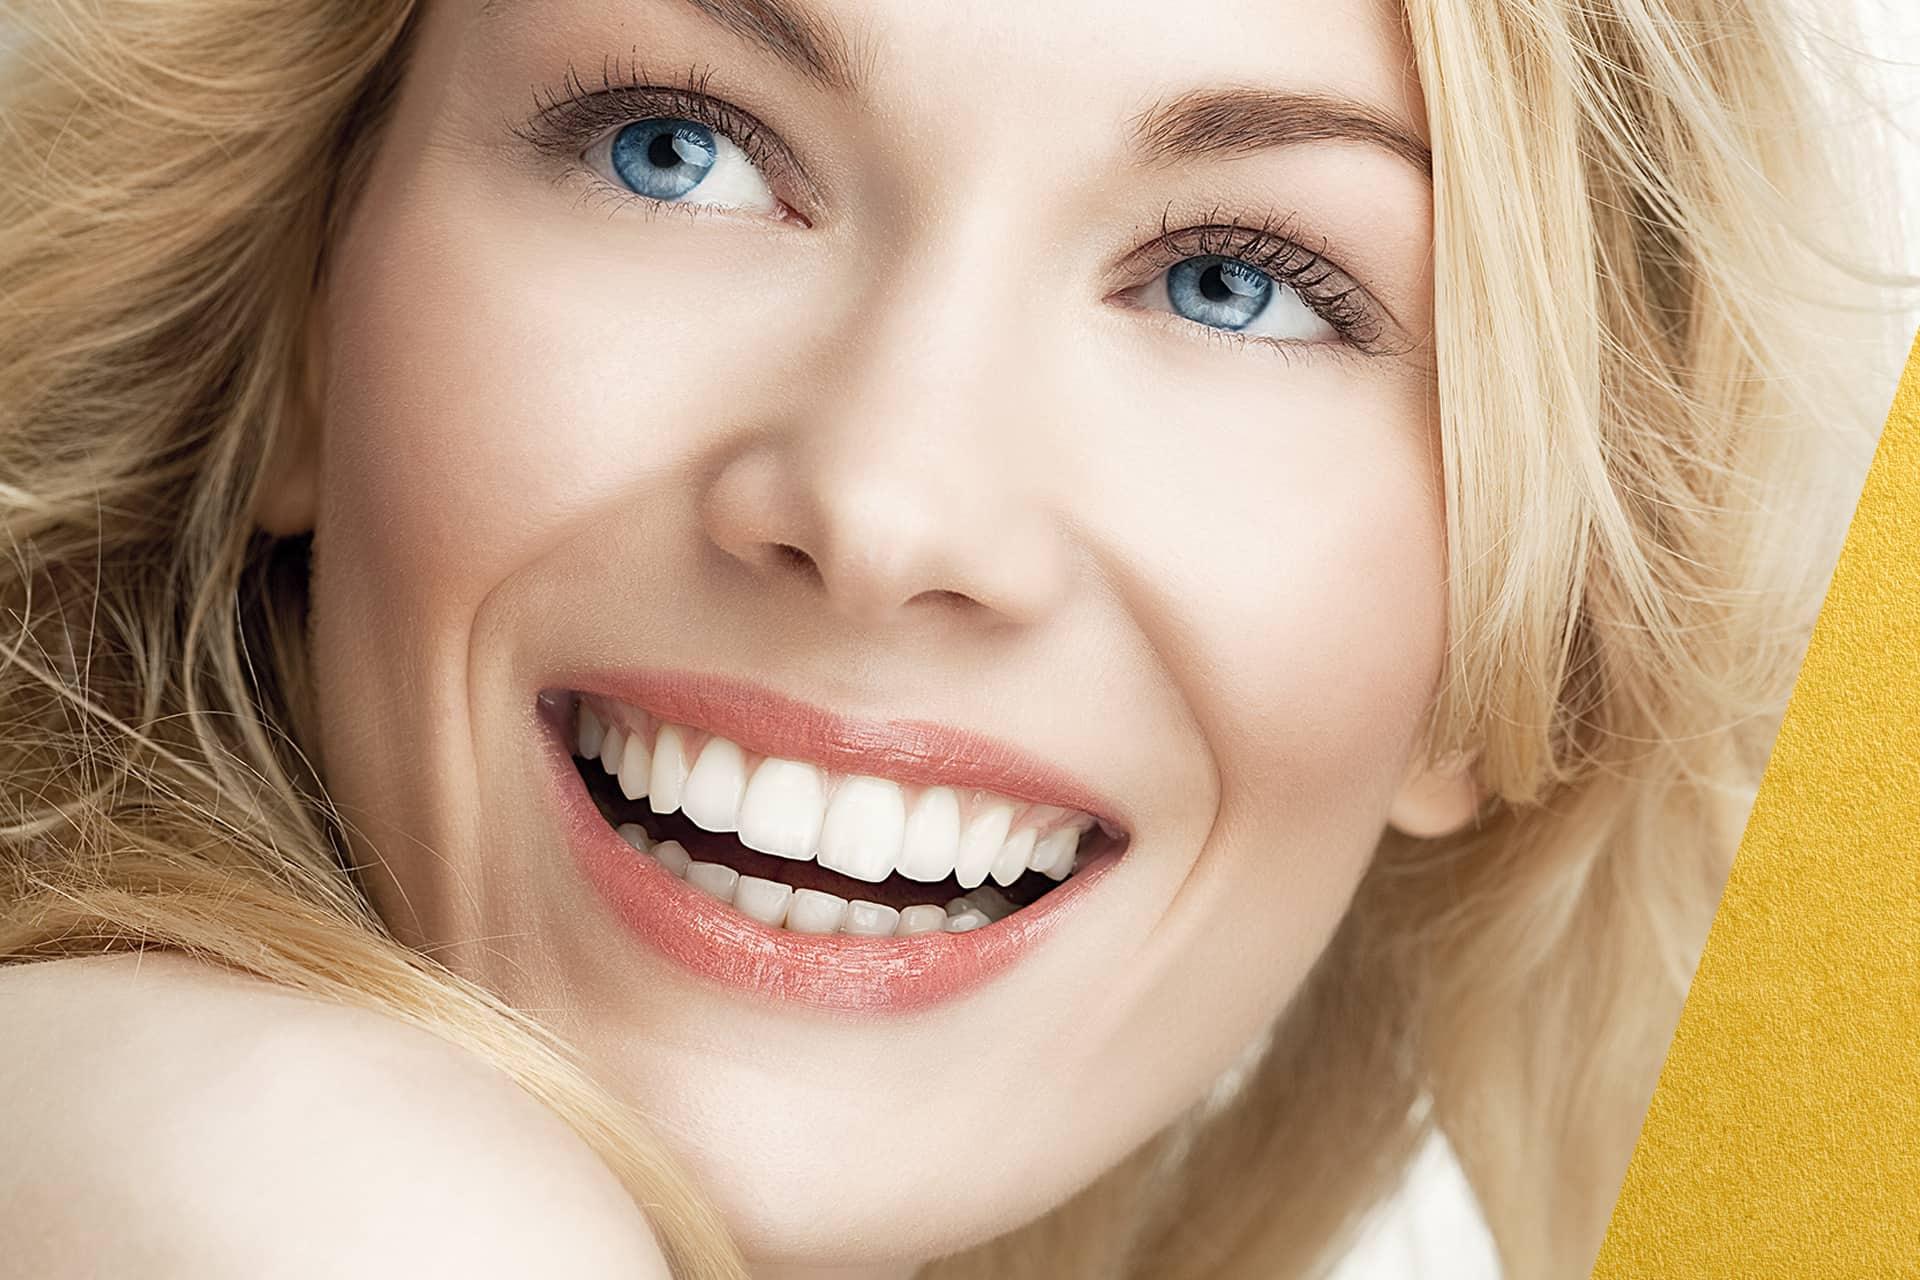 Si sueñas con una sonrisa perfecta el tratamiento Invisalug puede estar indicado para tu caso. Acude aun ortodoncista para que disgnostique tu caso